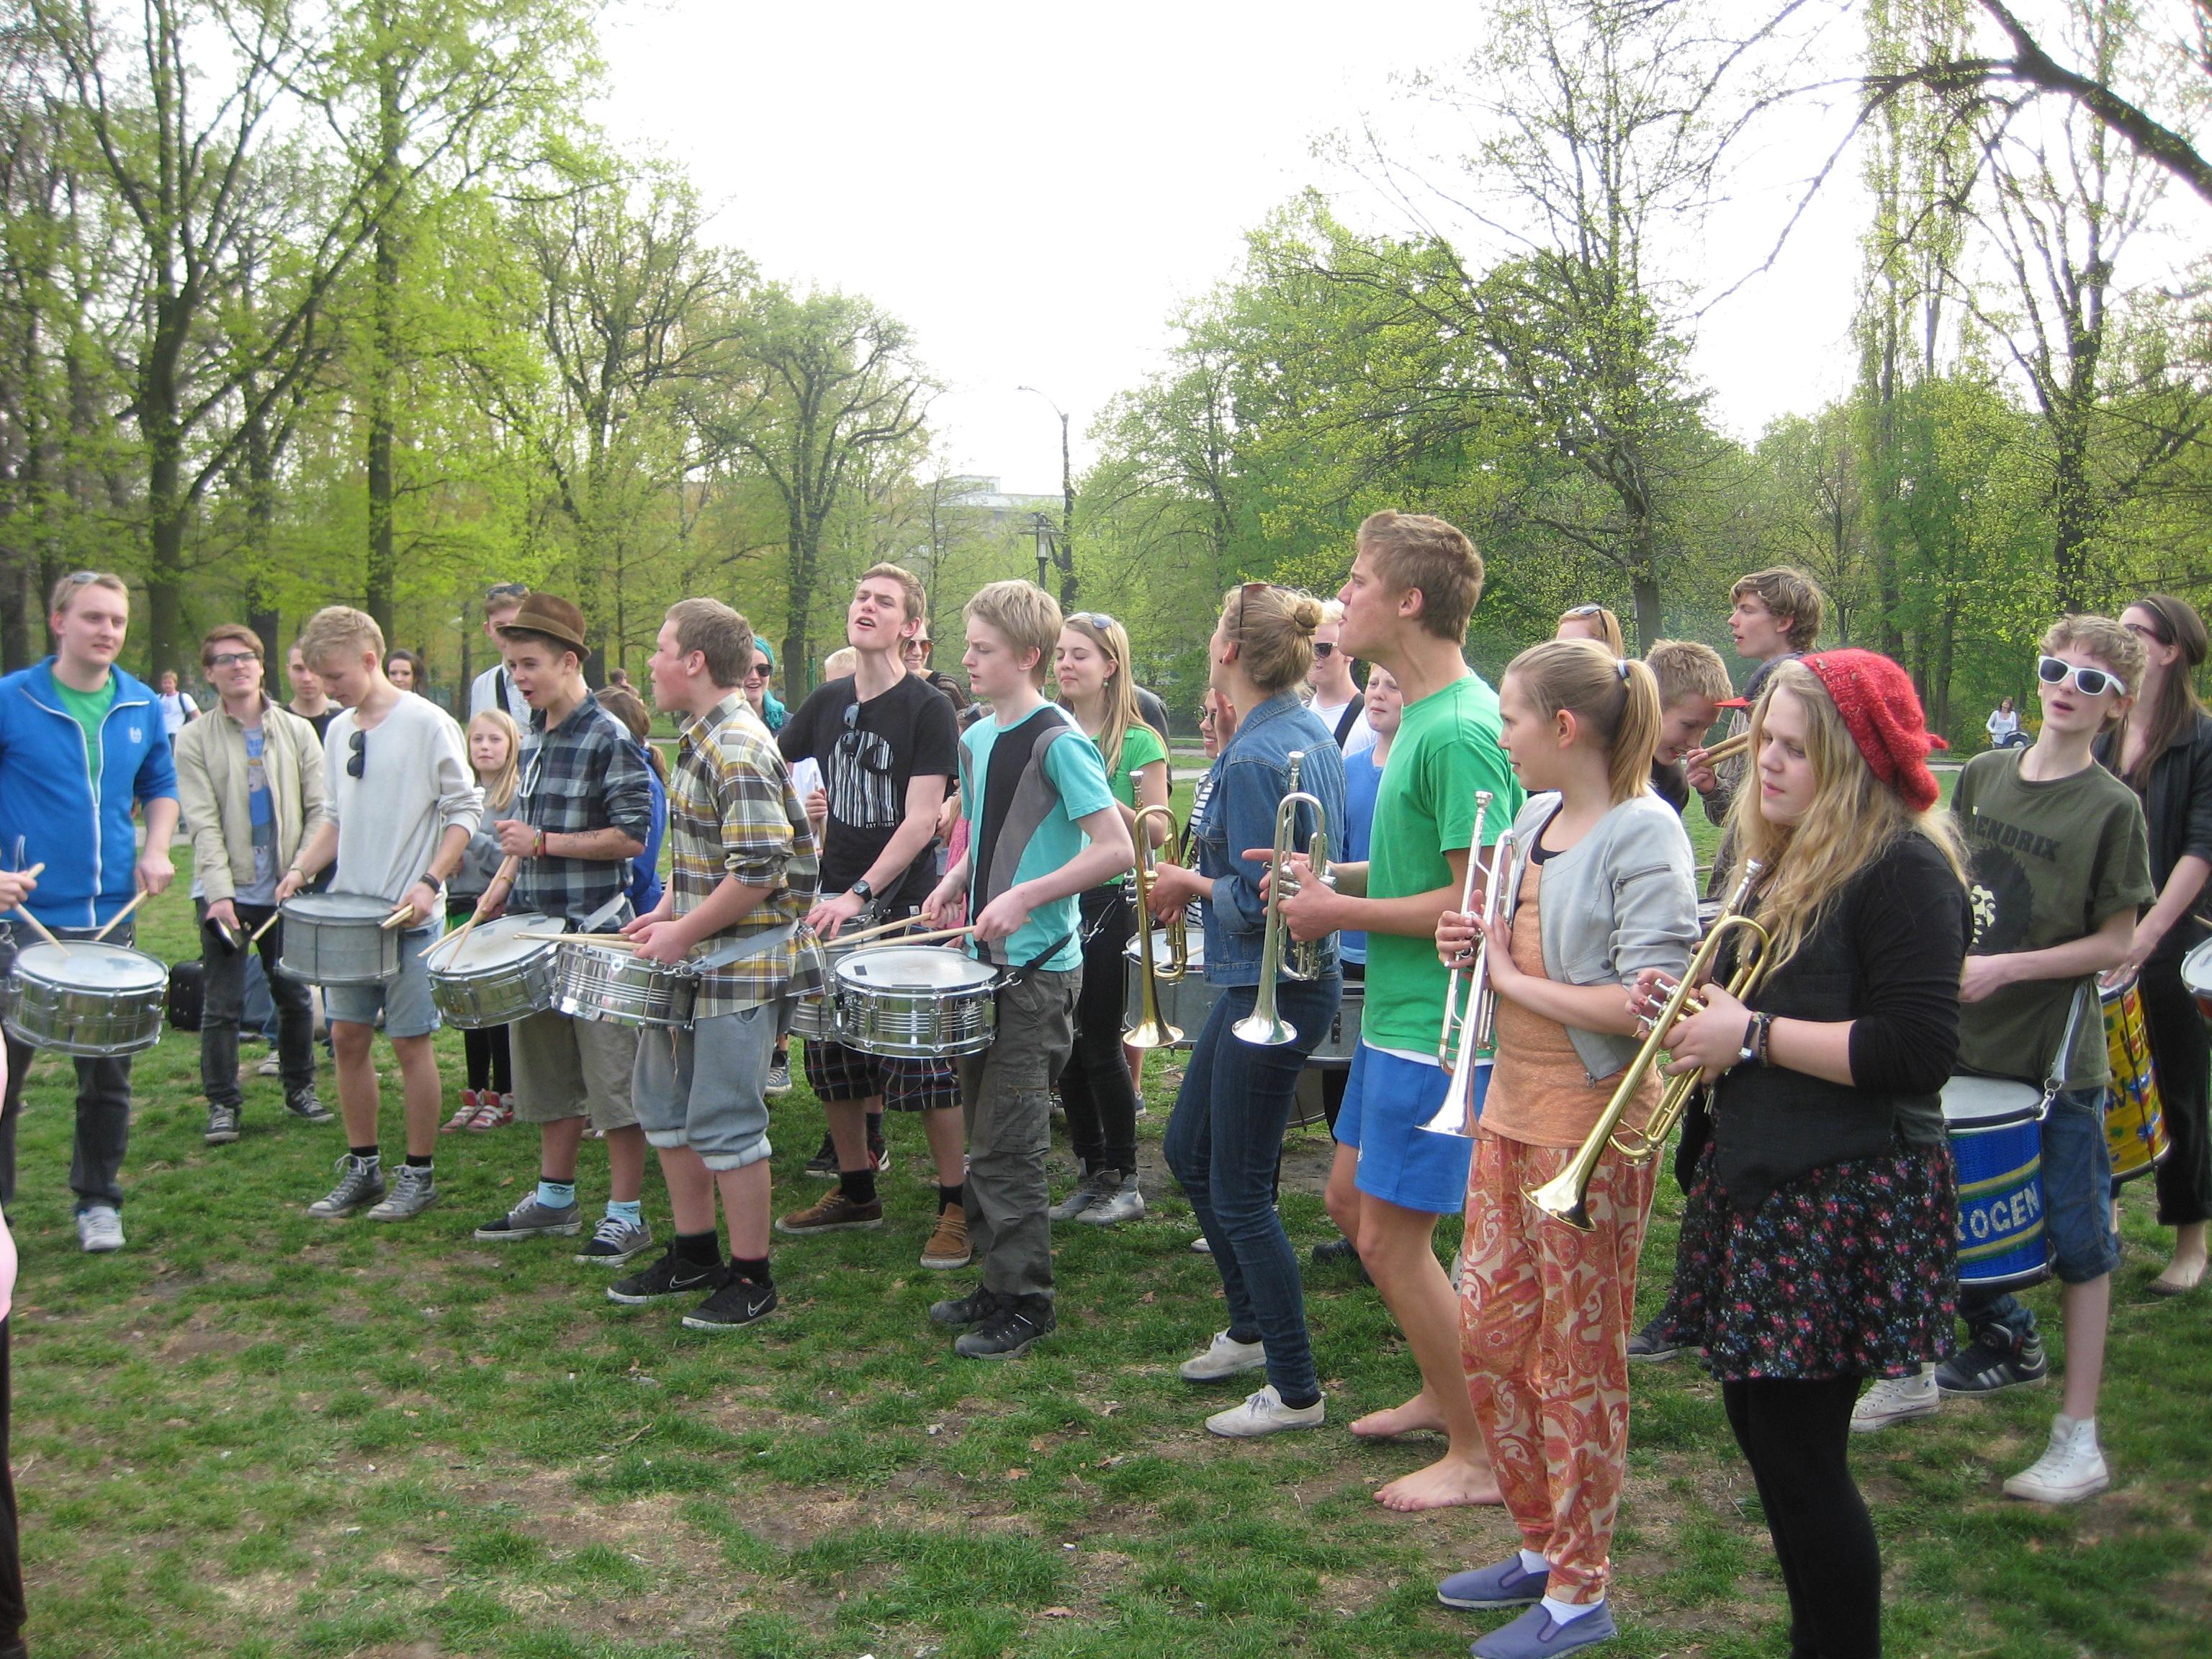 Samba i park i Berlin 2010